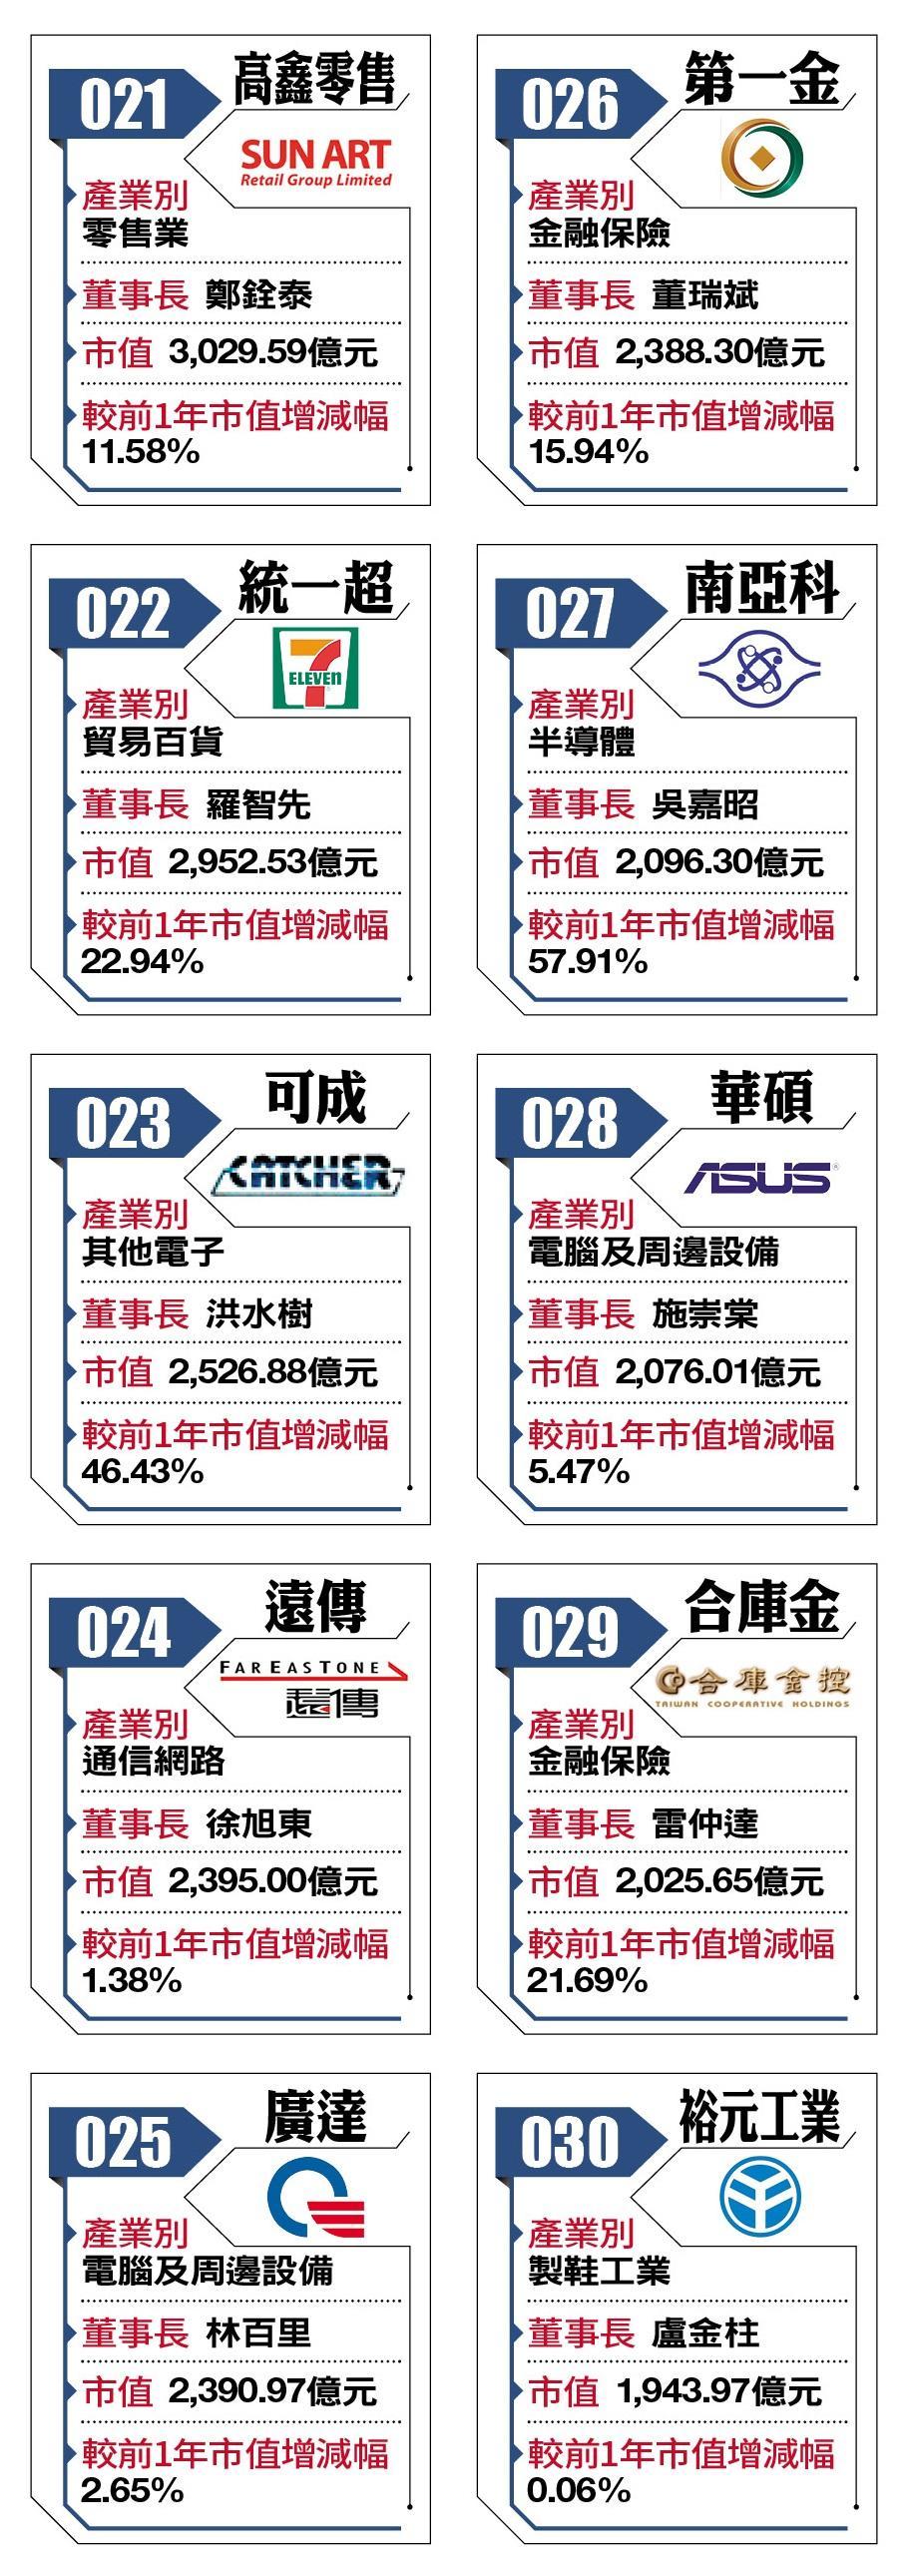 2018台灣百強企業21-30